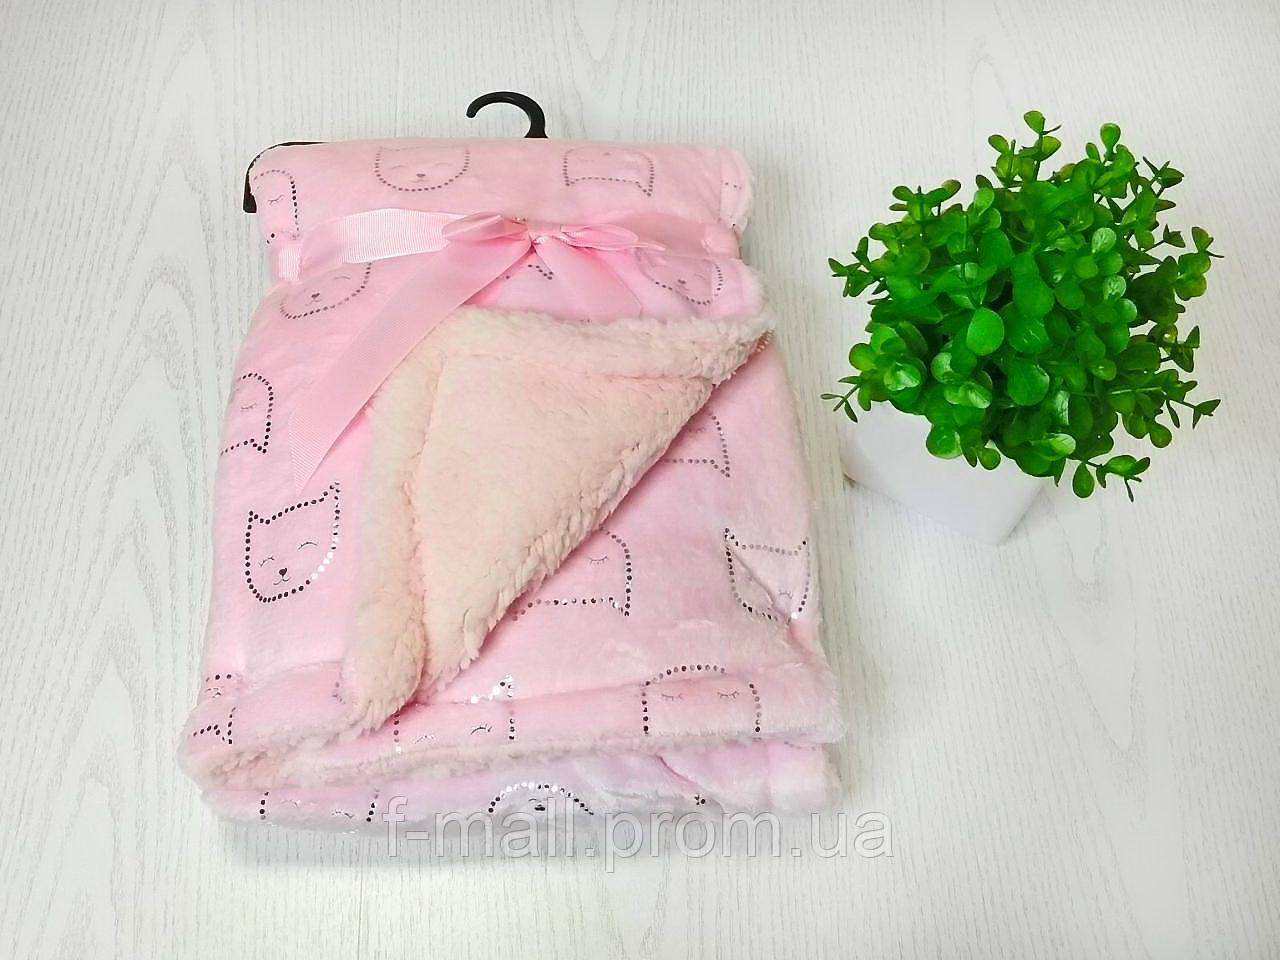 Плед покрывало одеяло в кроватку или коляску